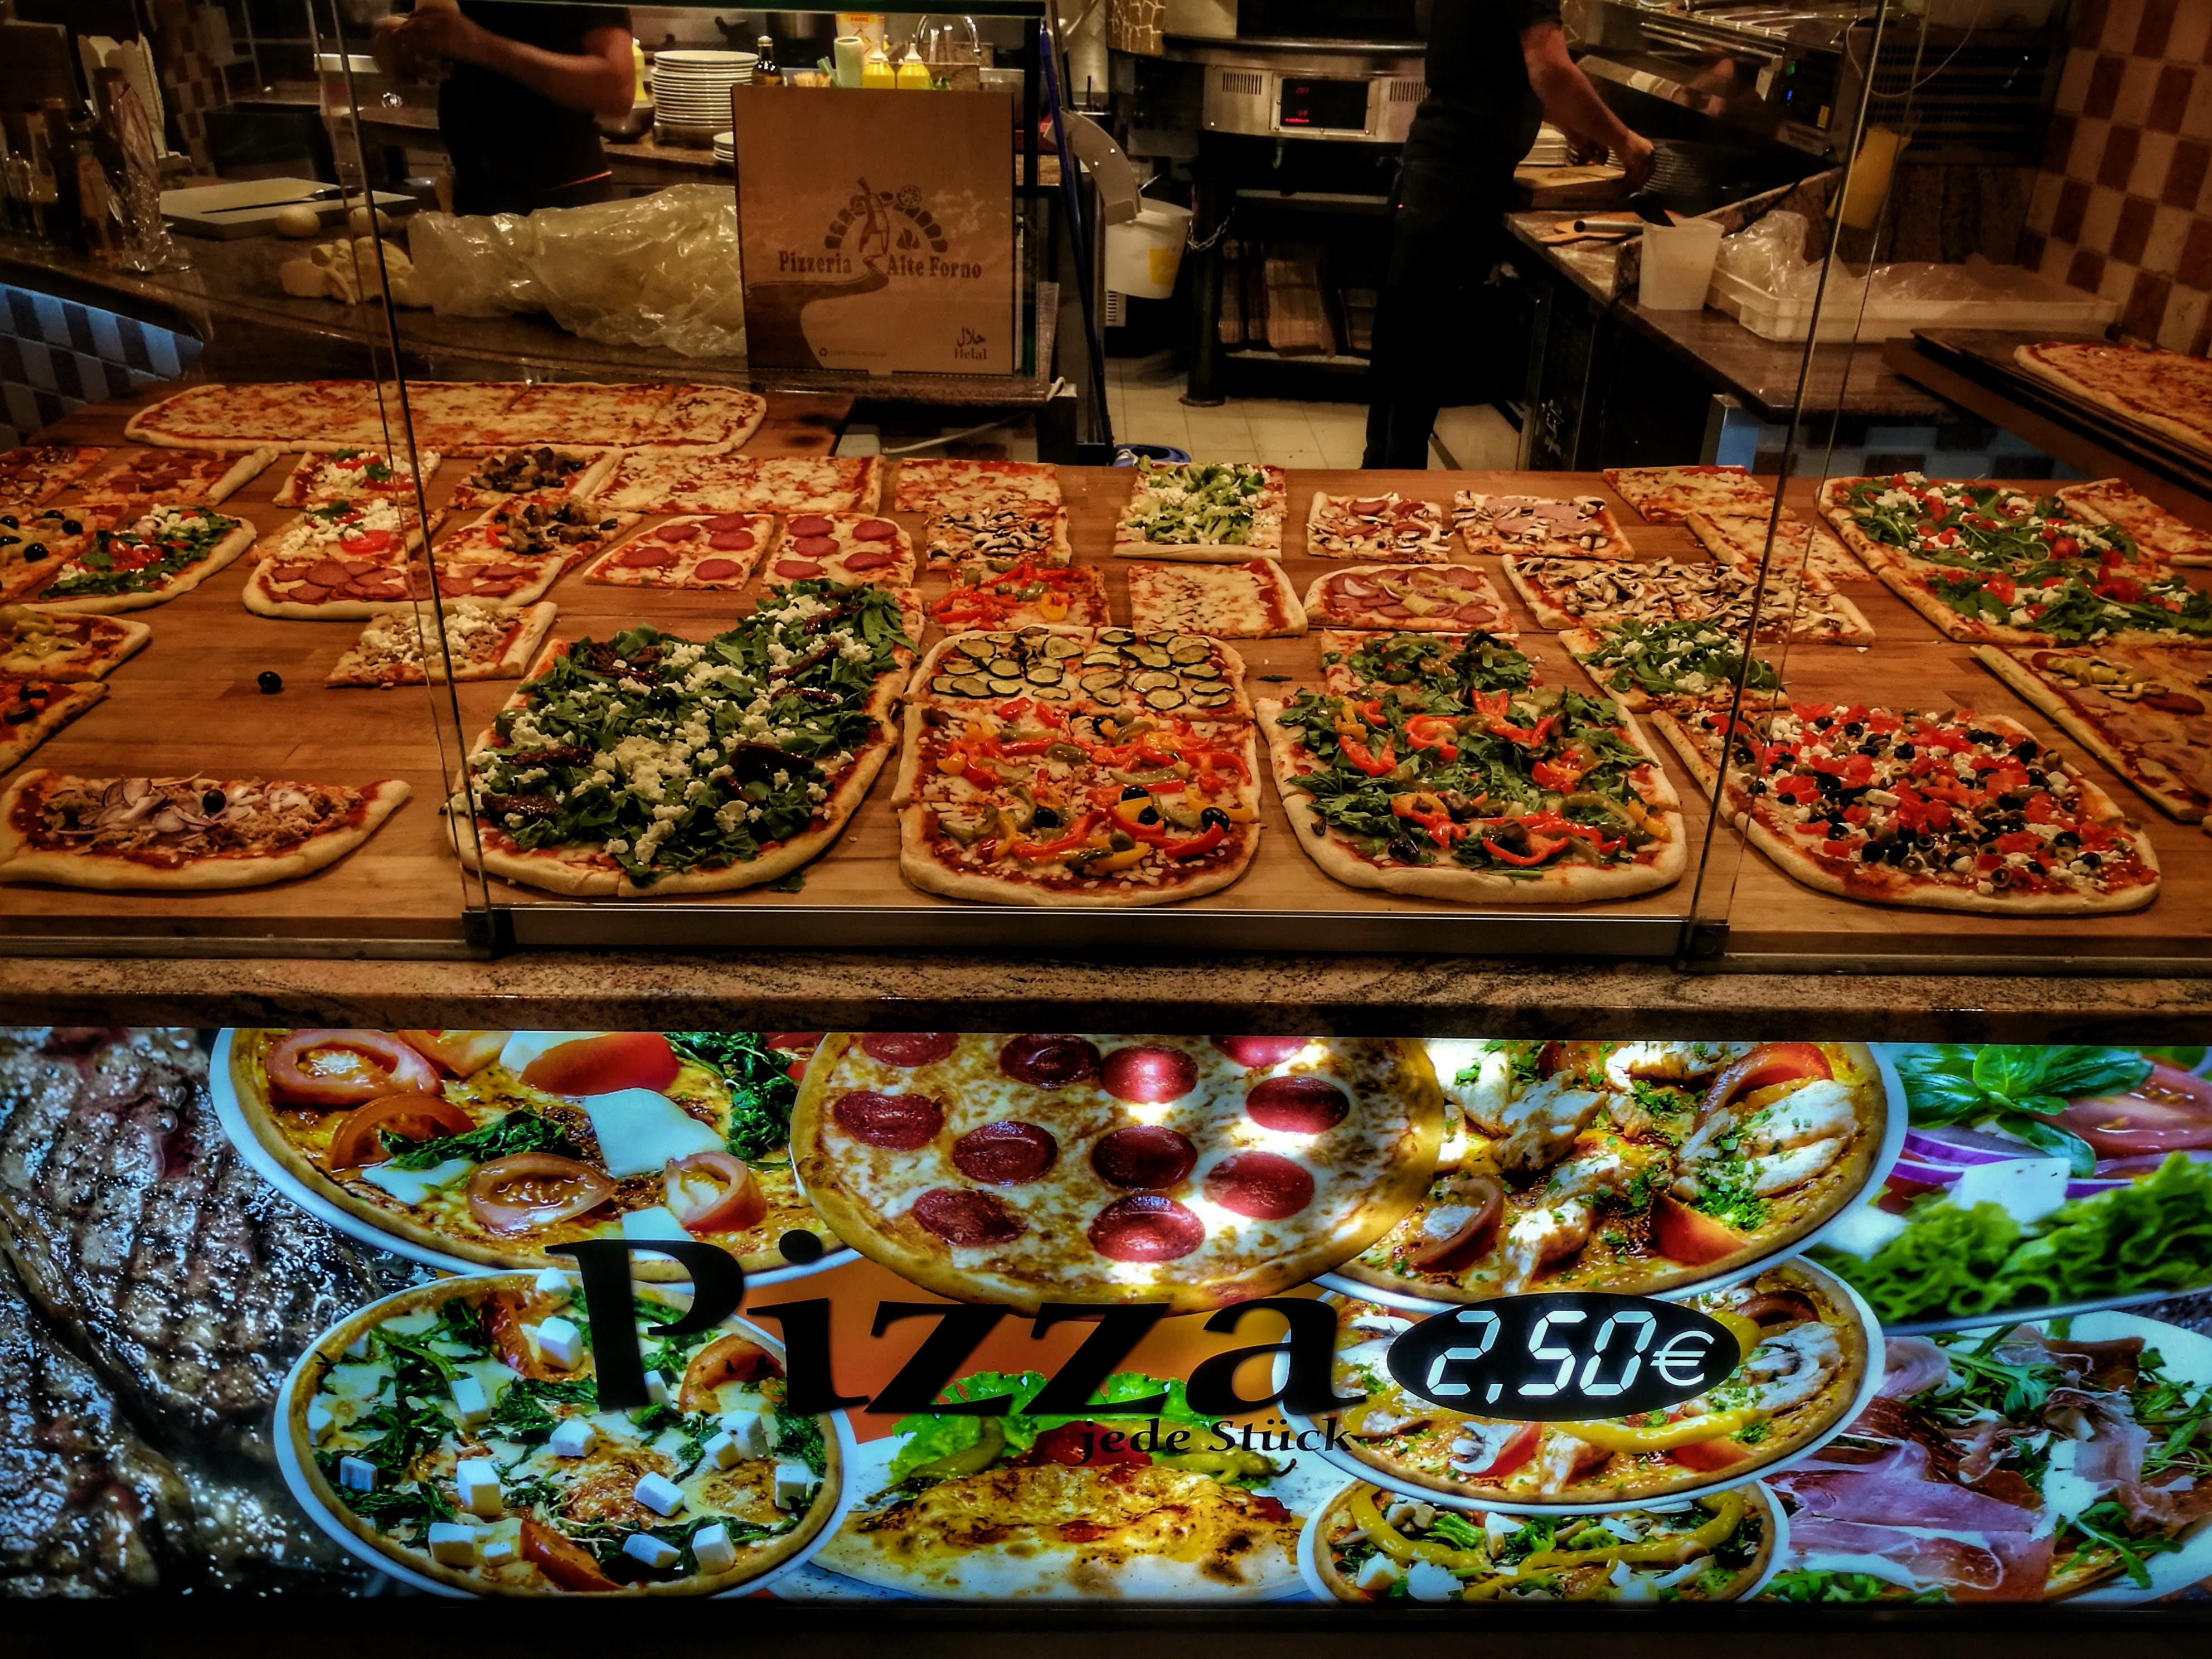 Esti pizzázásunk